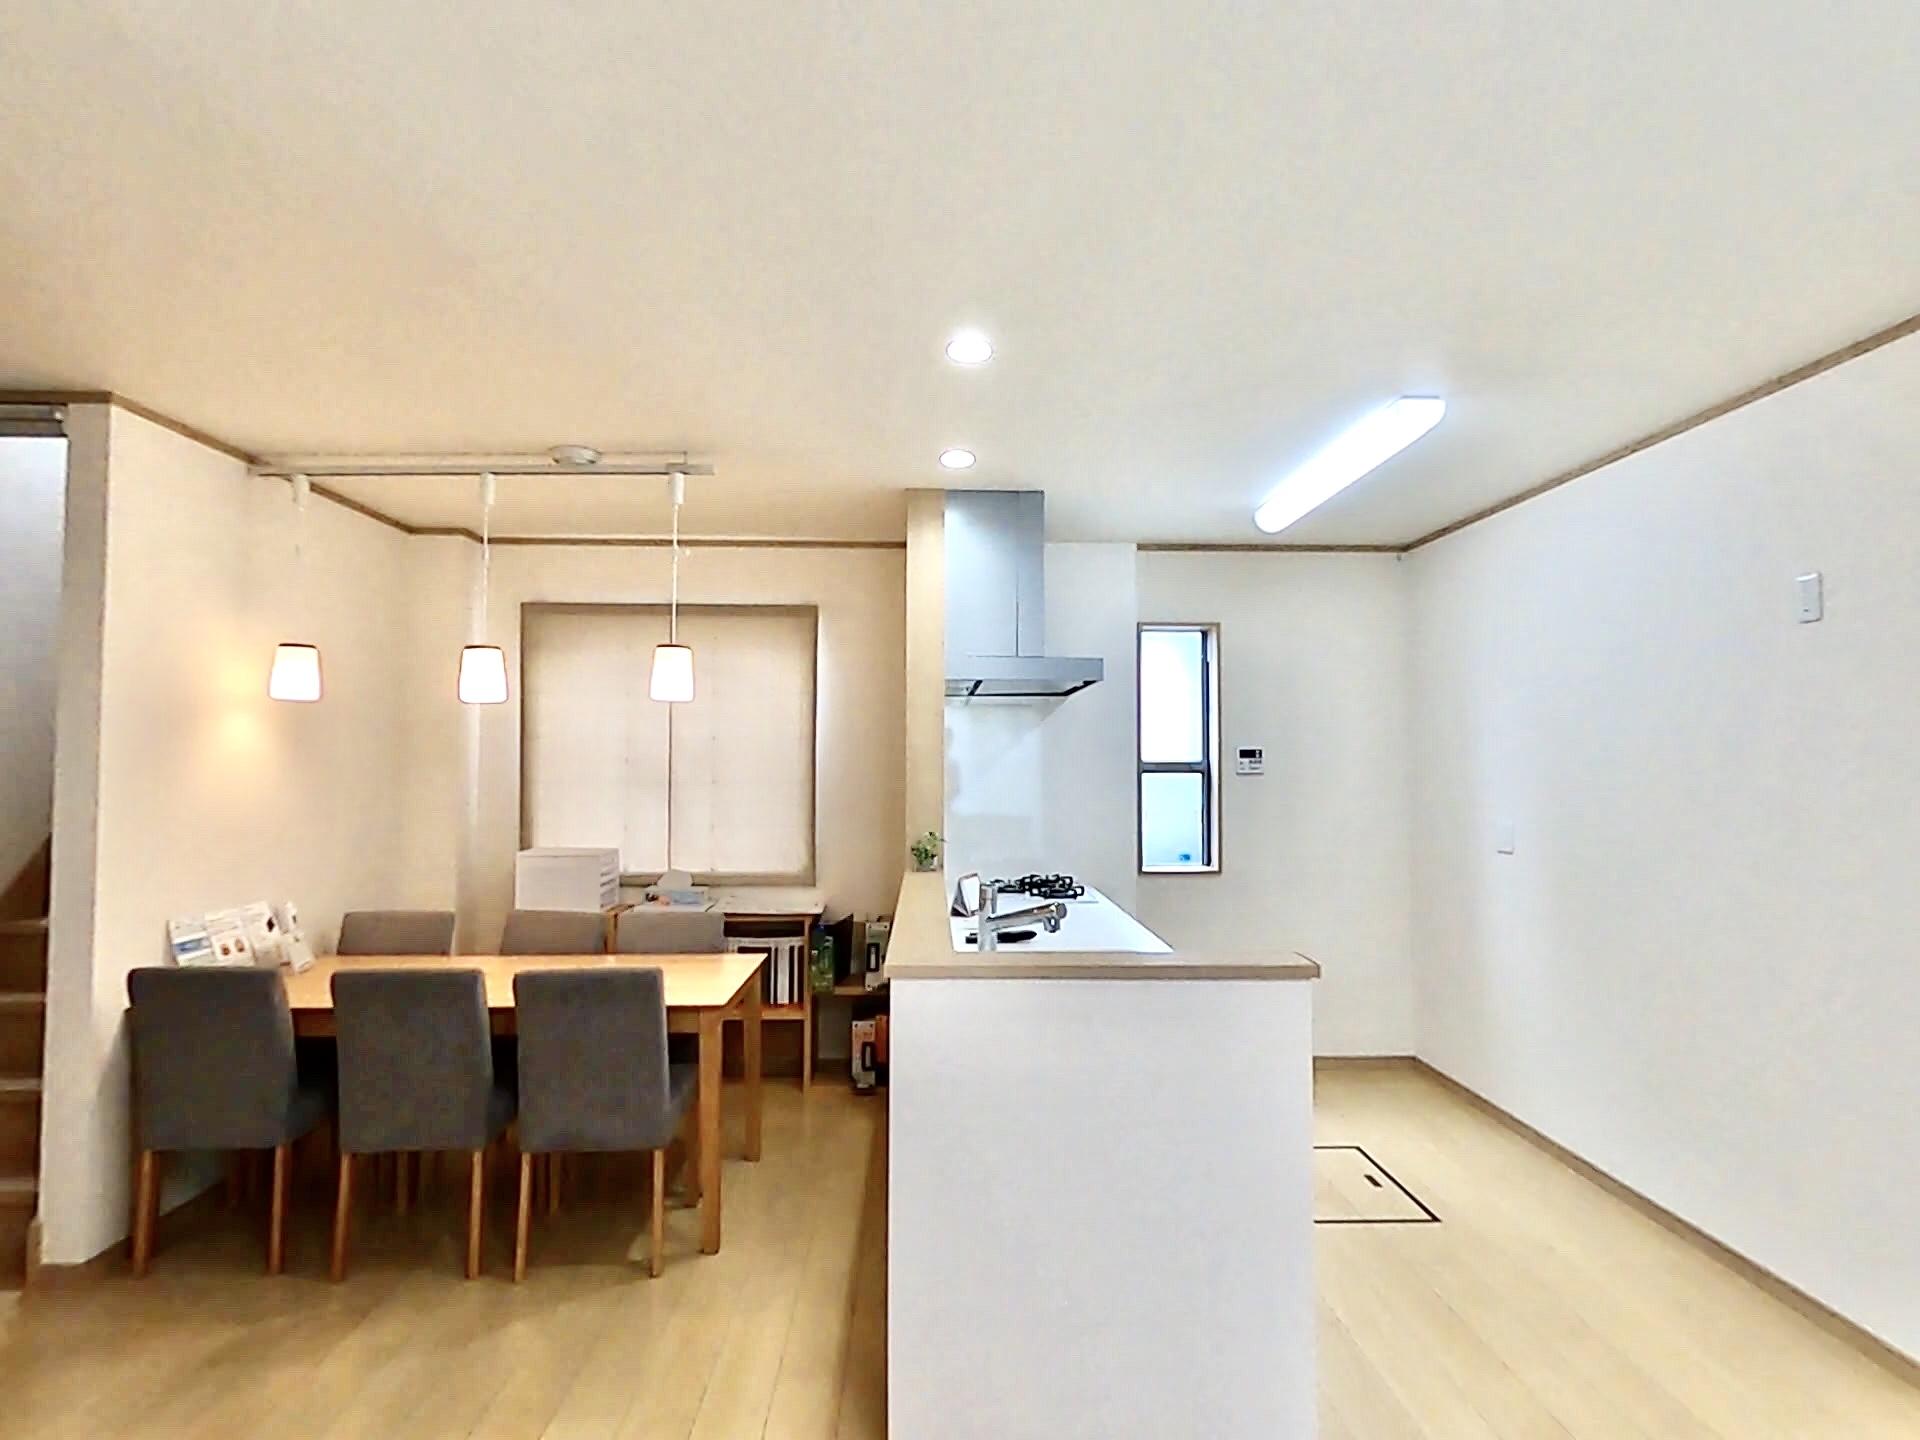 ハウジング松本【浜松市南区中田島町544-1・モデルハウス】キッチンからそのまま料理を渡すことが出来るようダイニングテーブルはすぐ前に設置してある